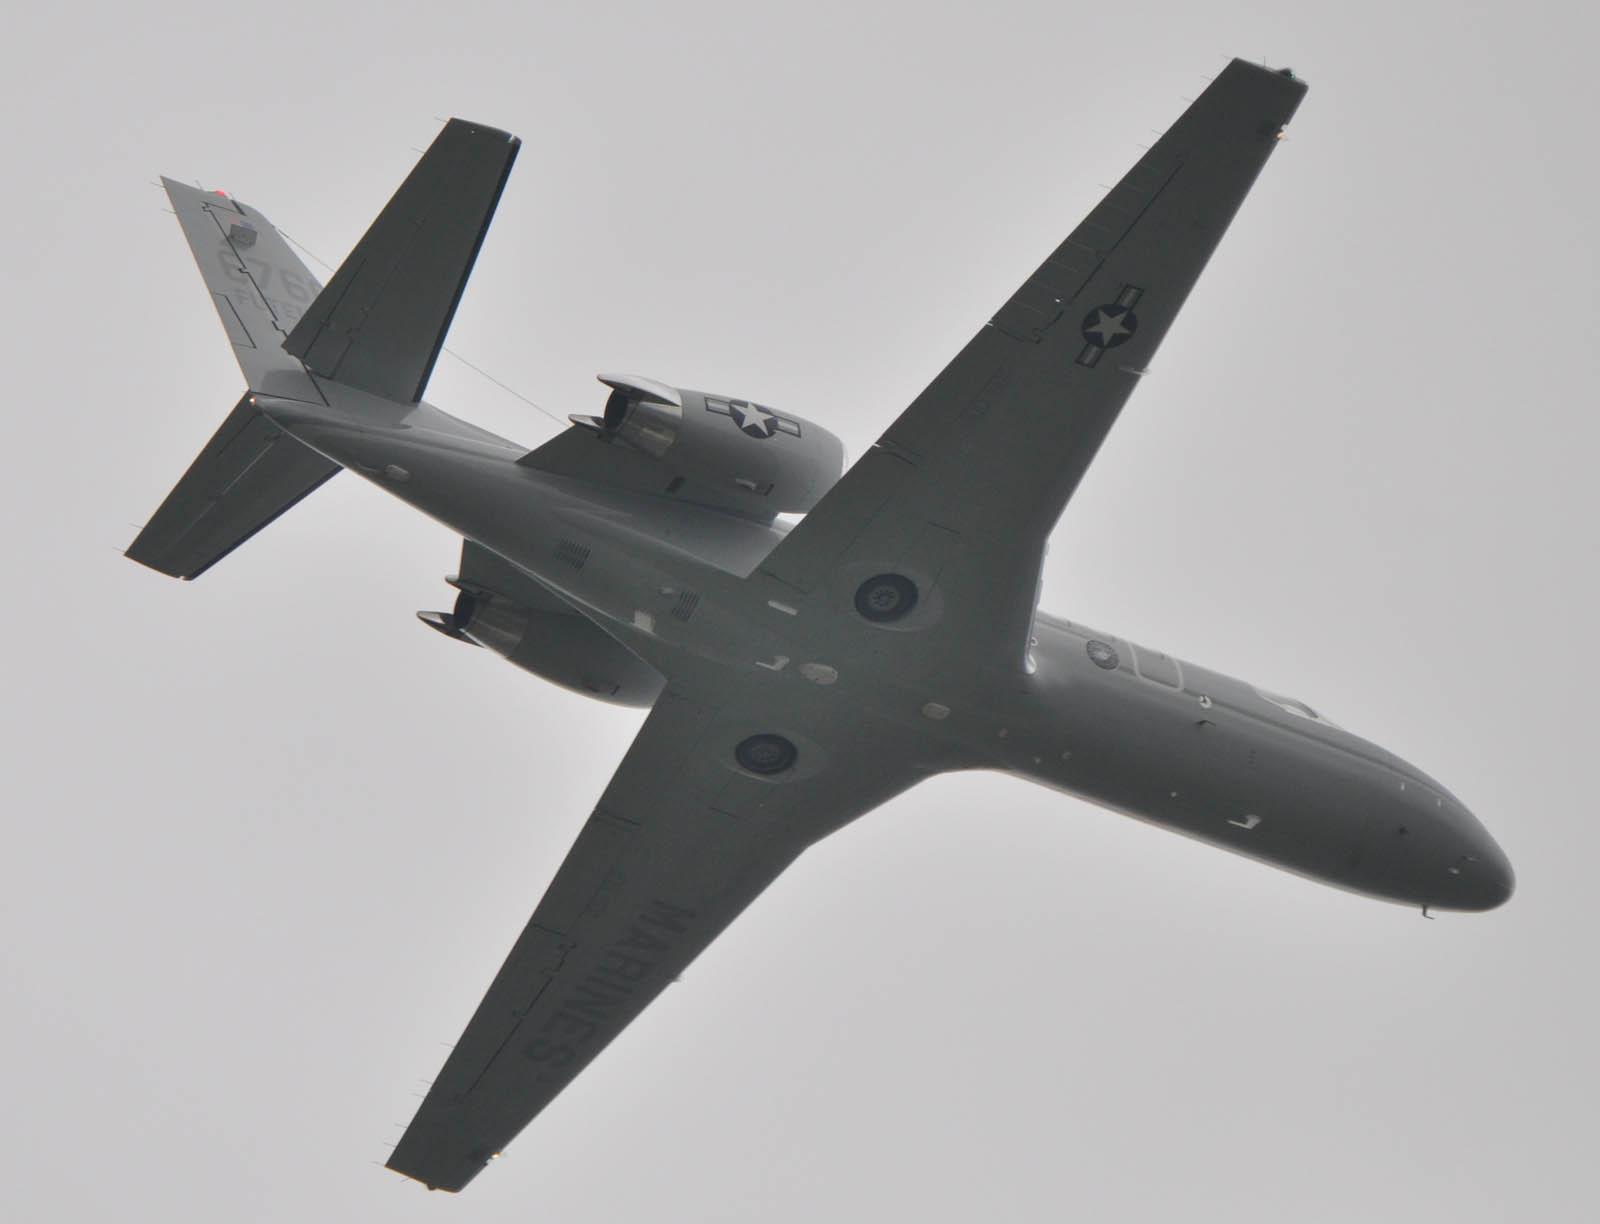 Uc35d120625g430